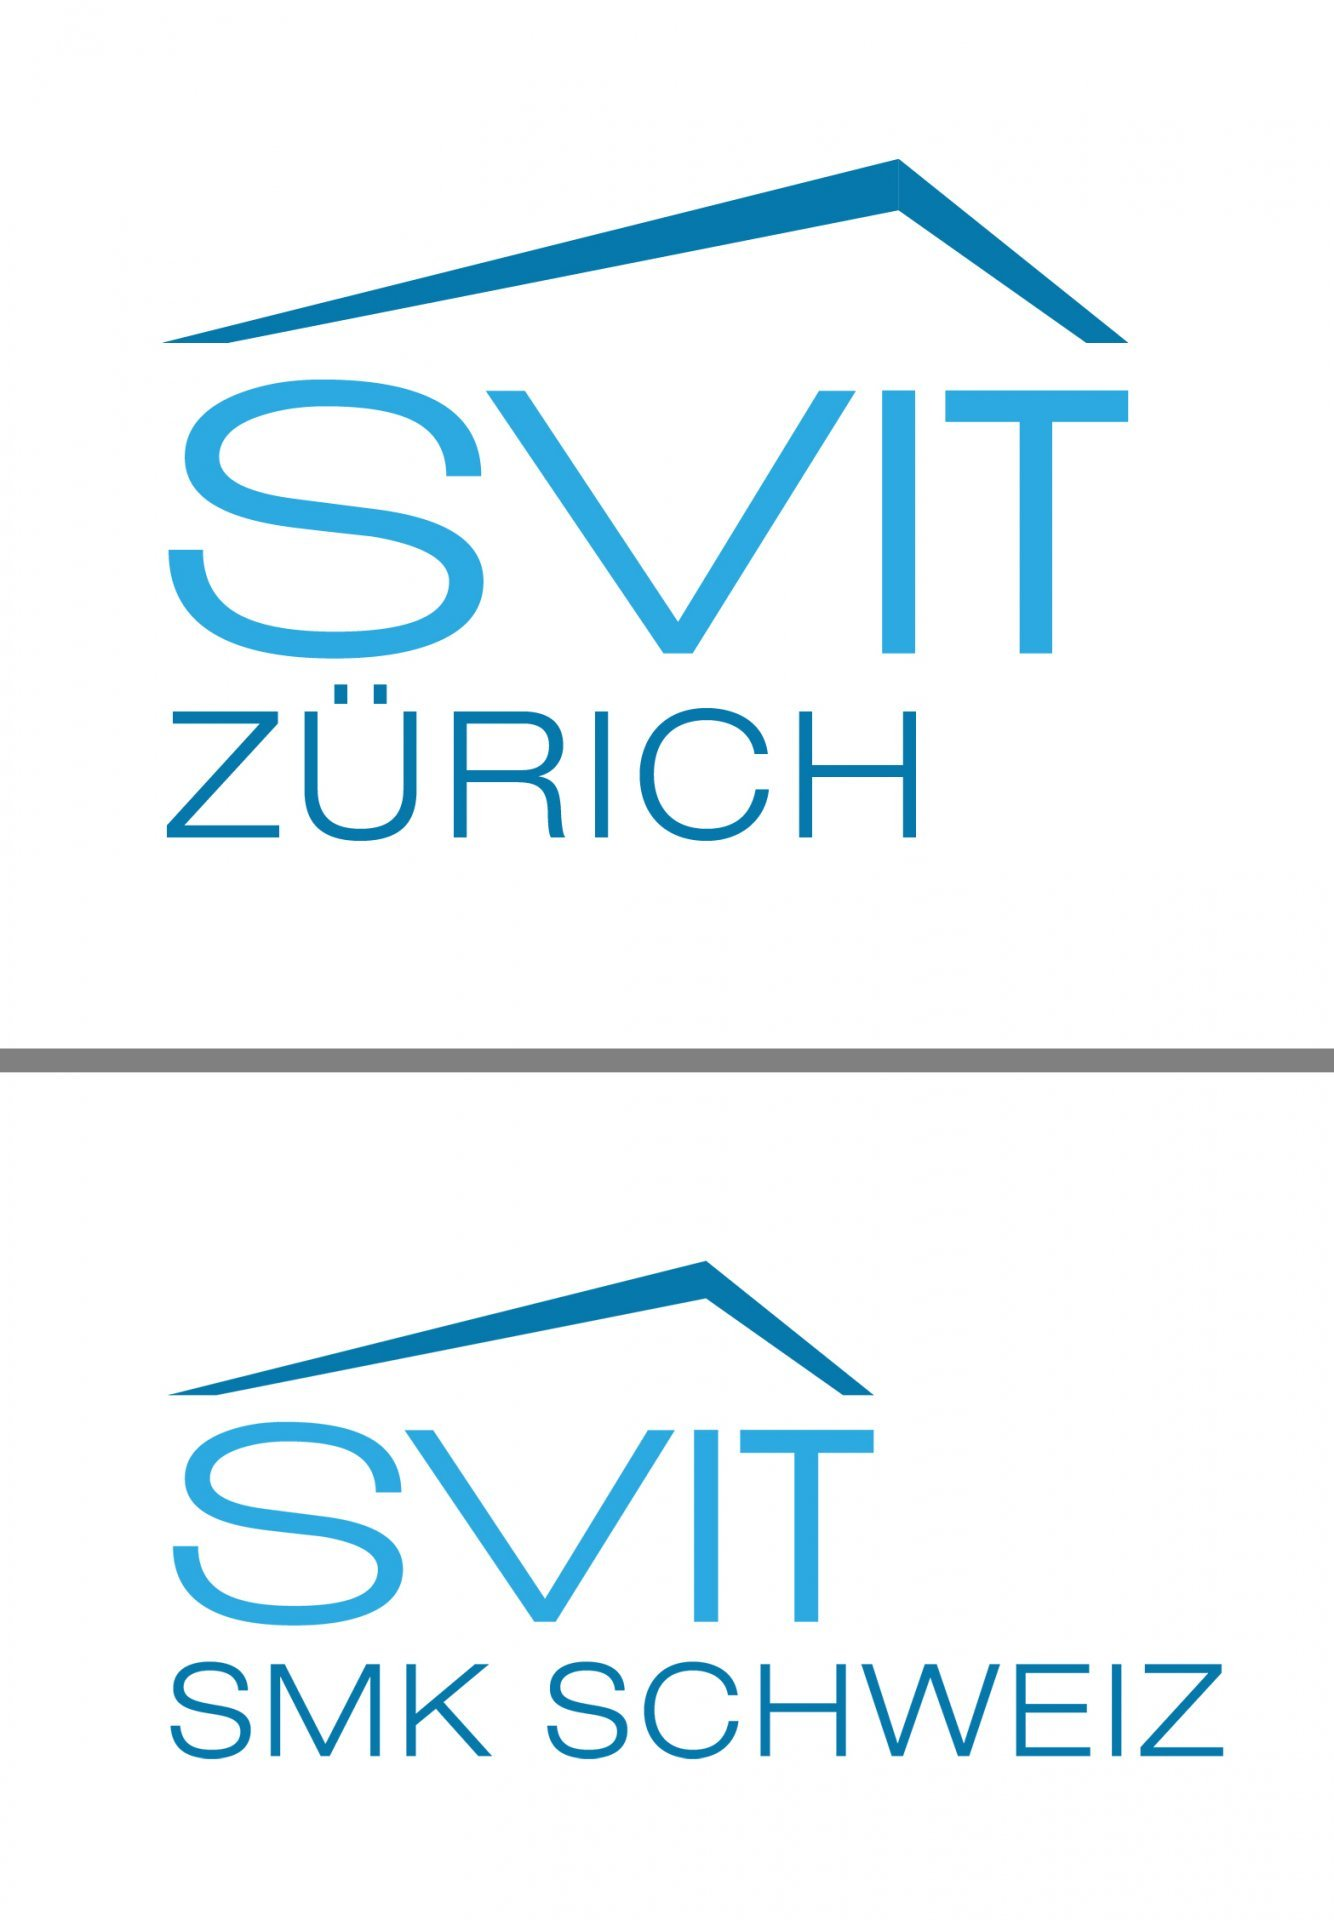 SVIT Logo